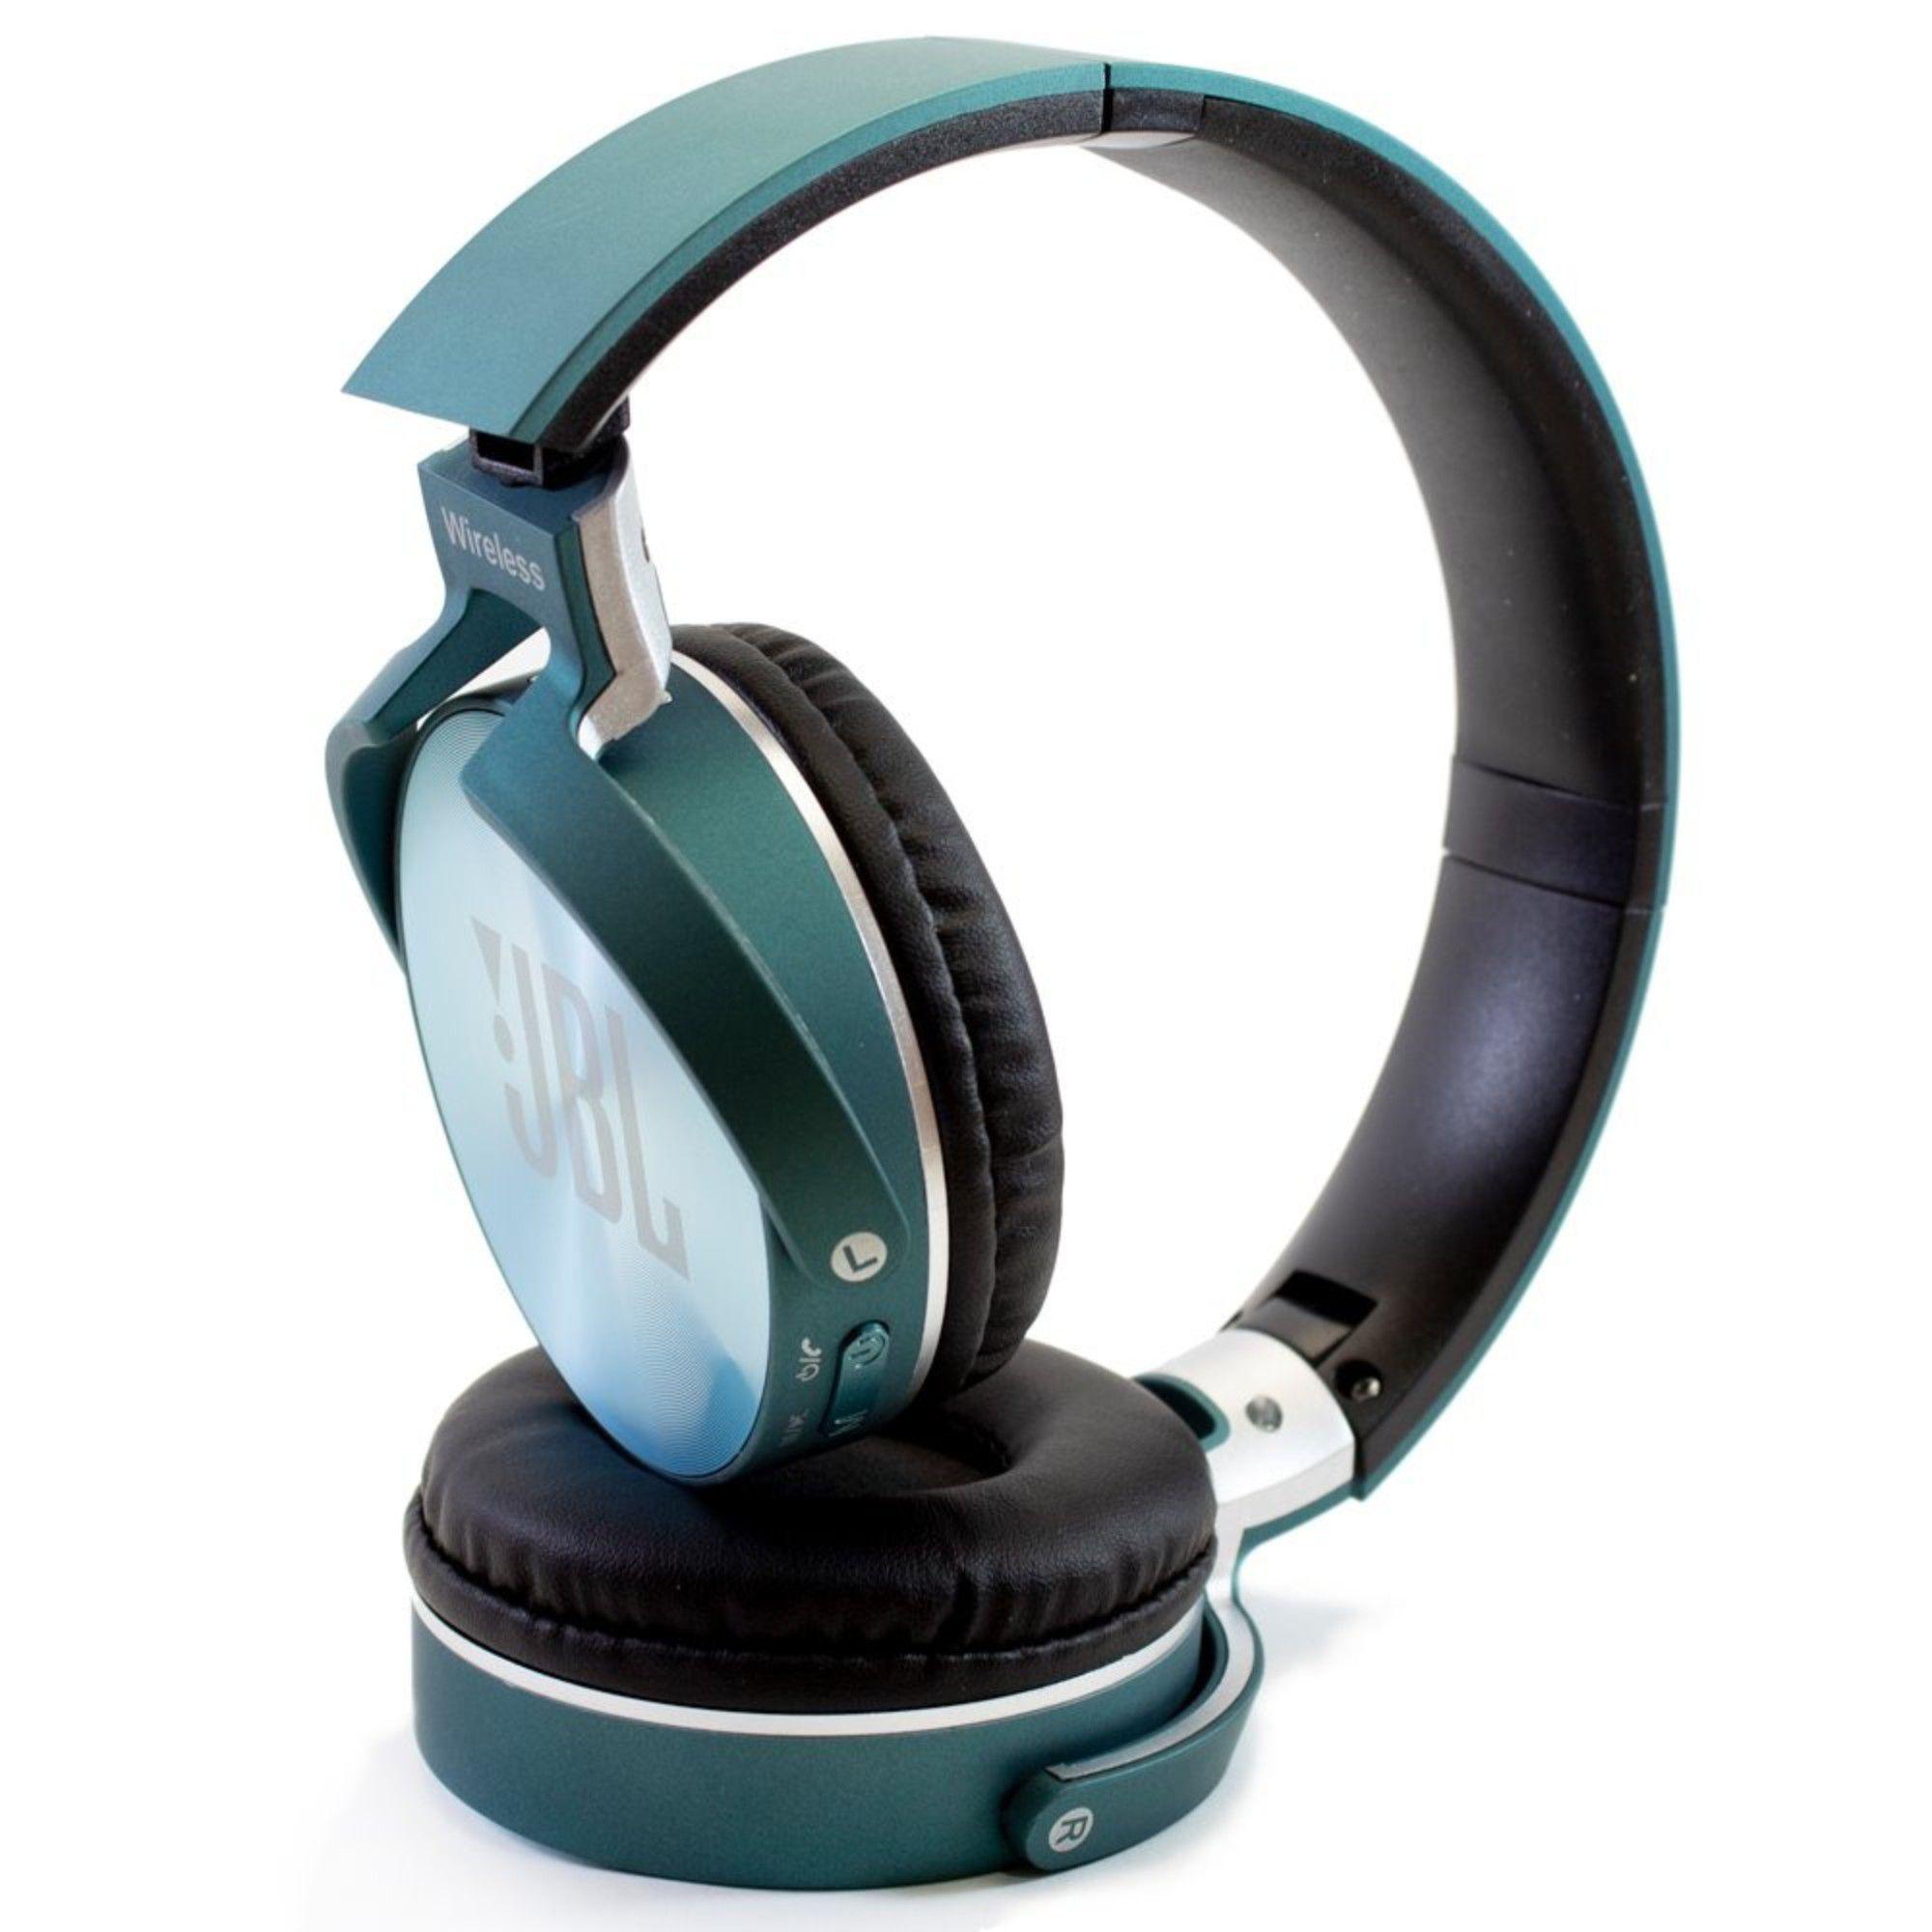 Fone de Ouvido Everest JB950 Bluetooth Mp3 E FM